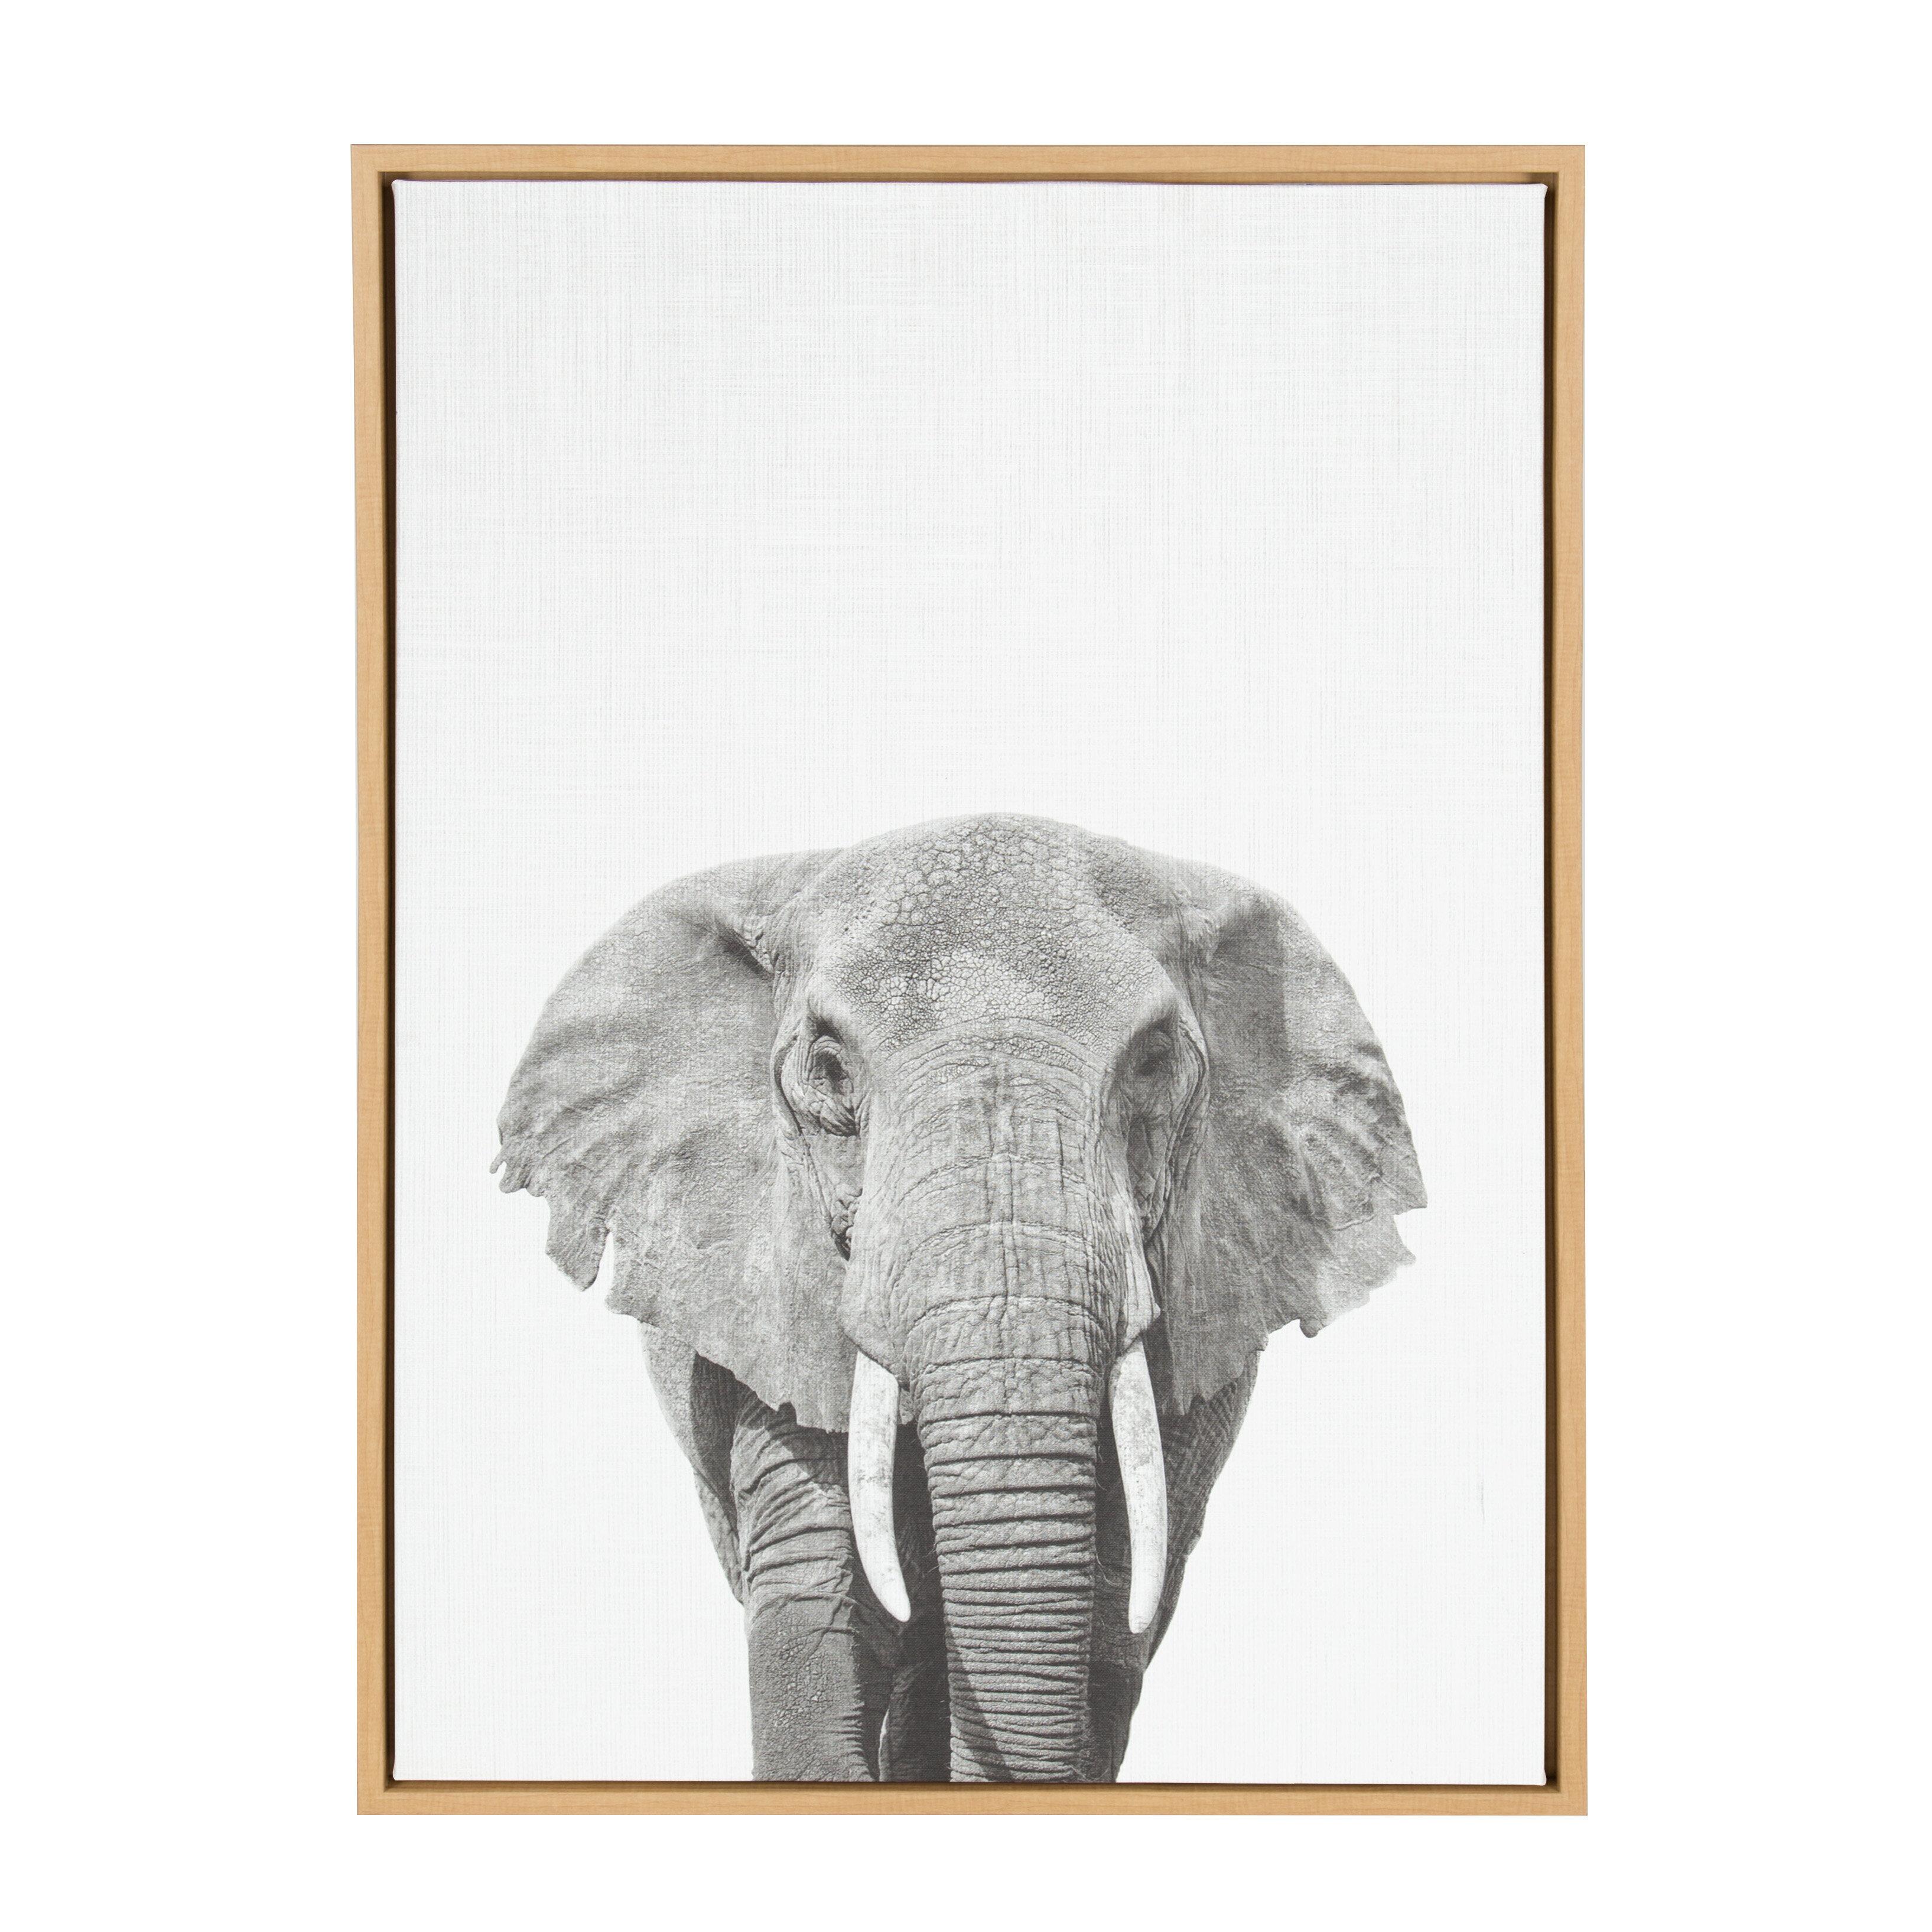 Ivy Bronx \'Elephant Black And White Animal\' Framed Photographic ...